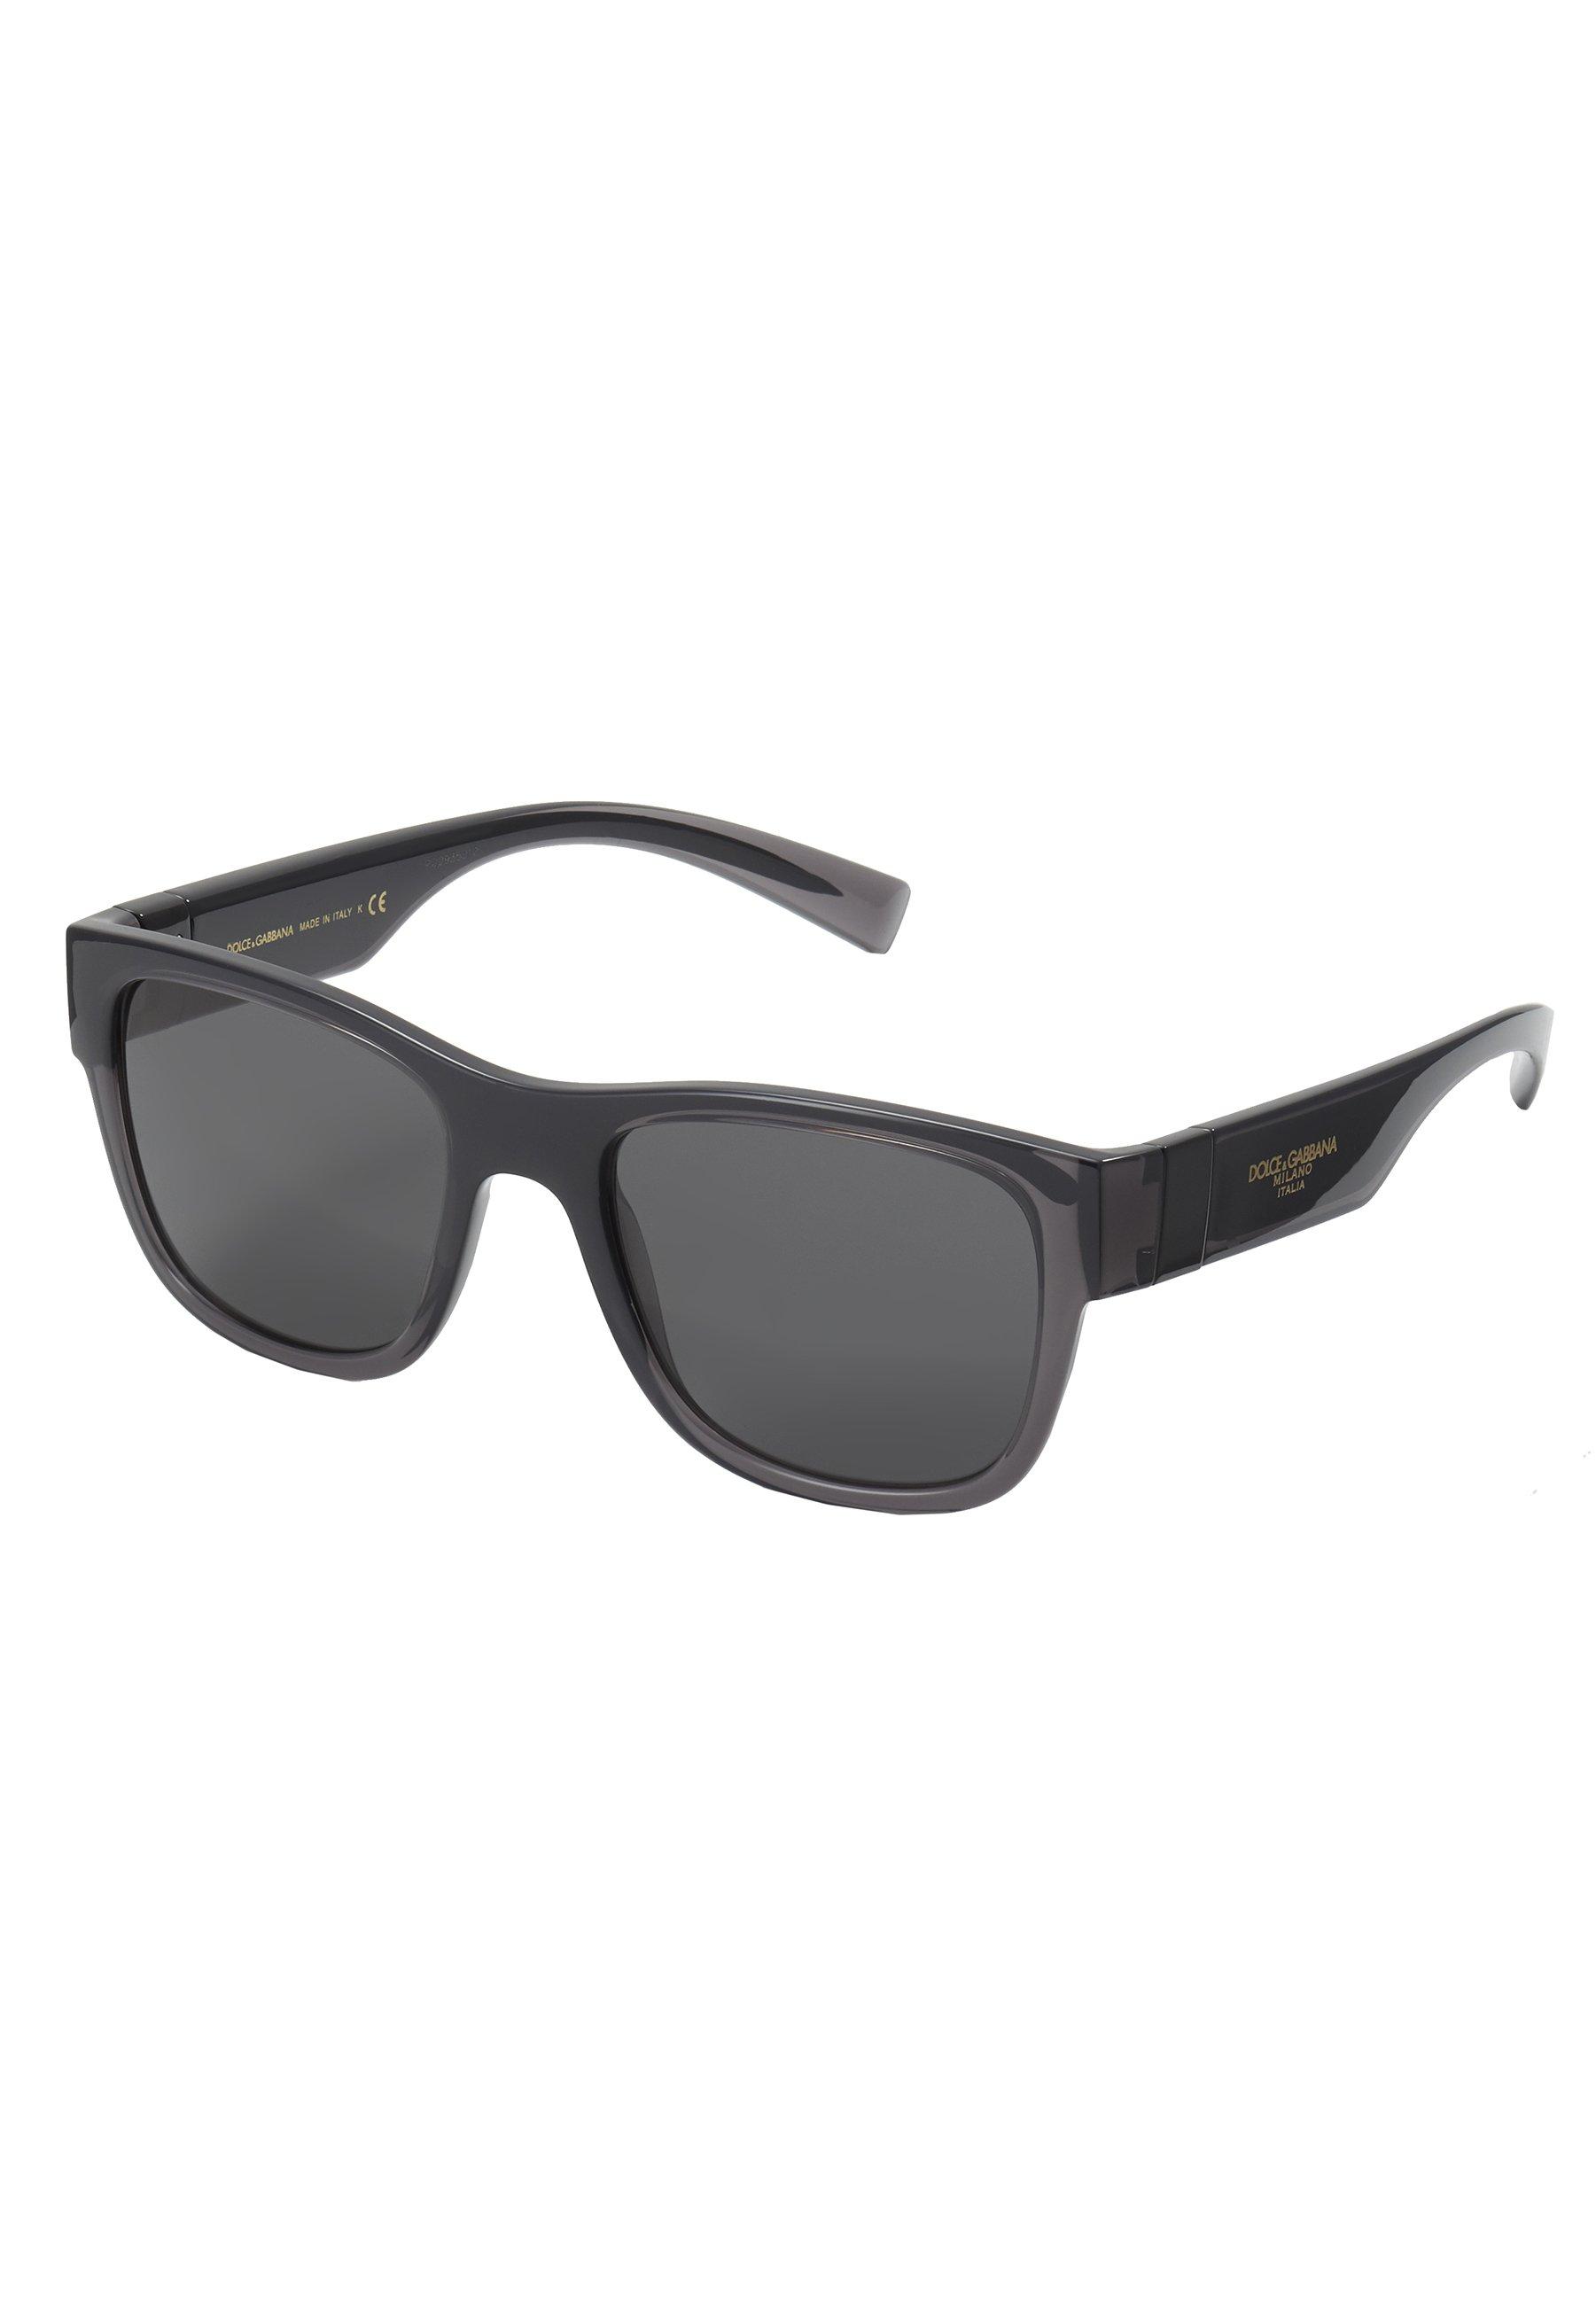 Dolce&Gabbana Lunettes de soleil - grey/black